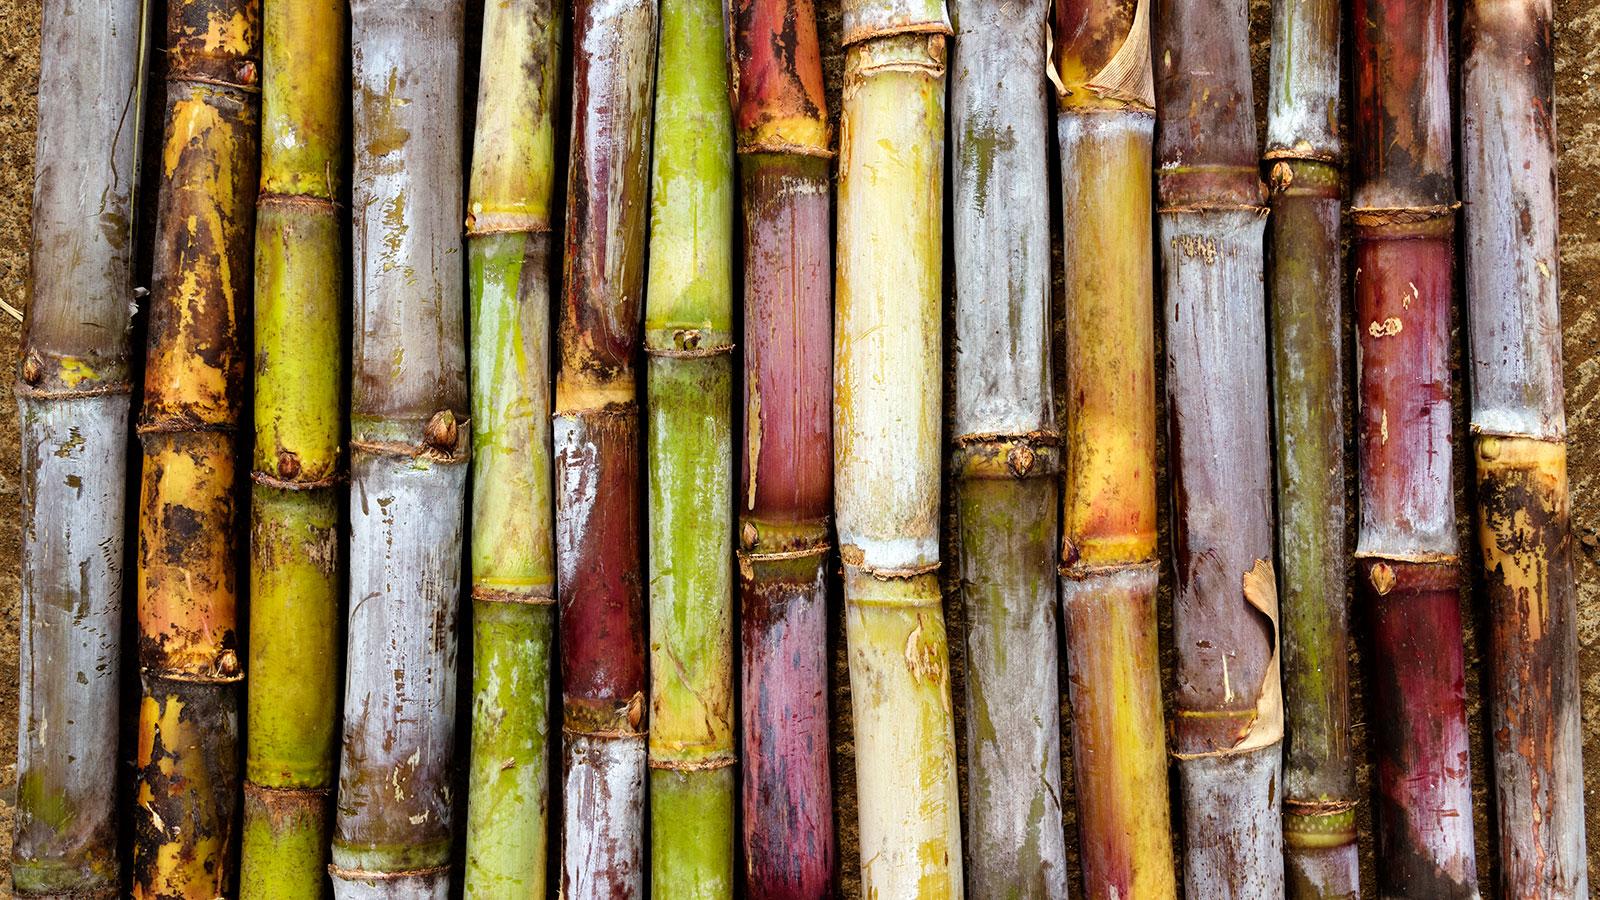 Sony desenvolve embalagem de bambu, cana-de-açúcar e papel